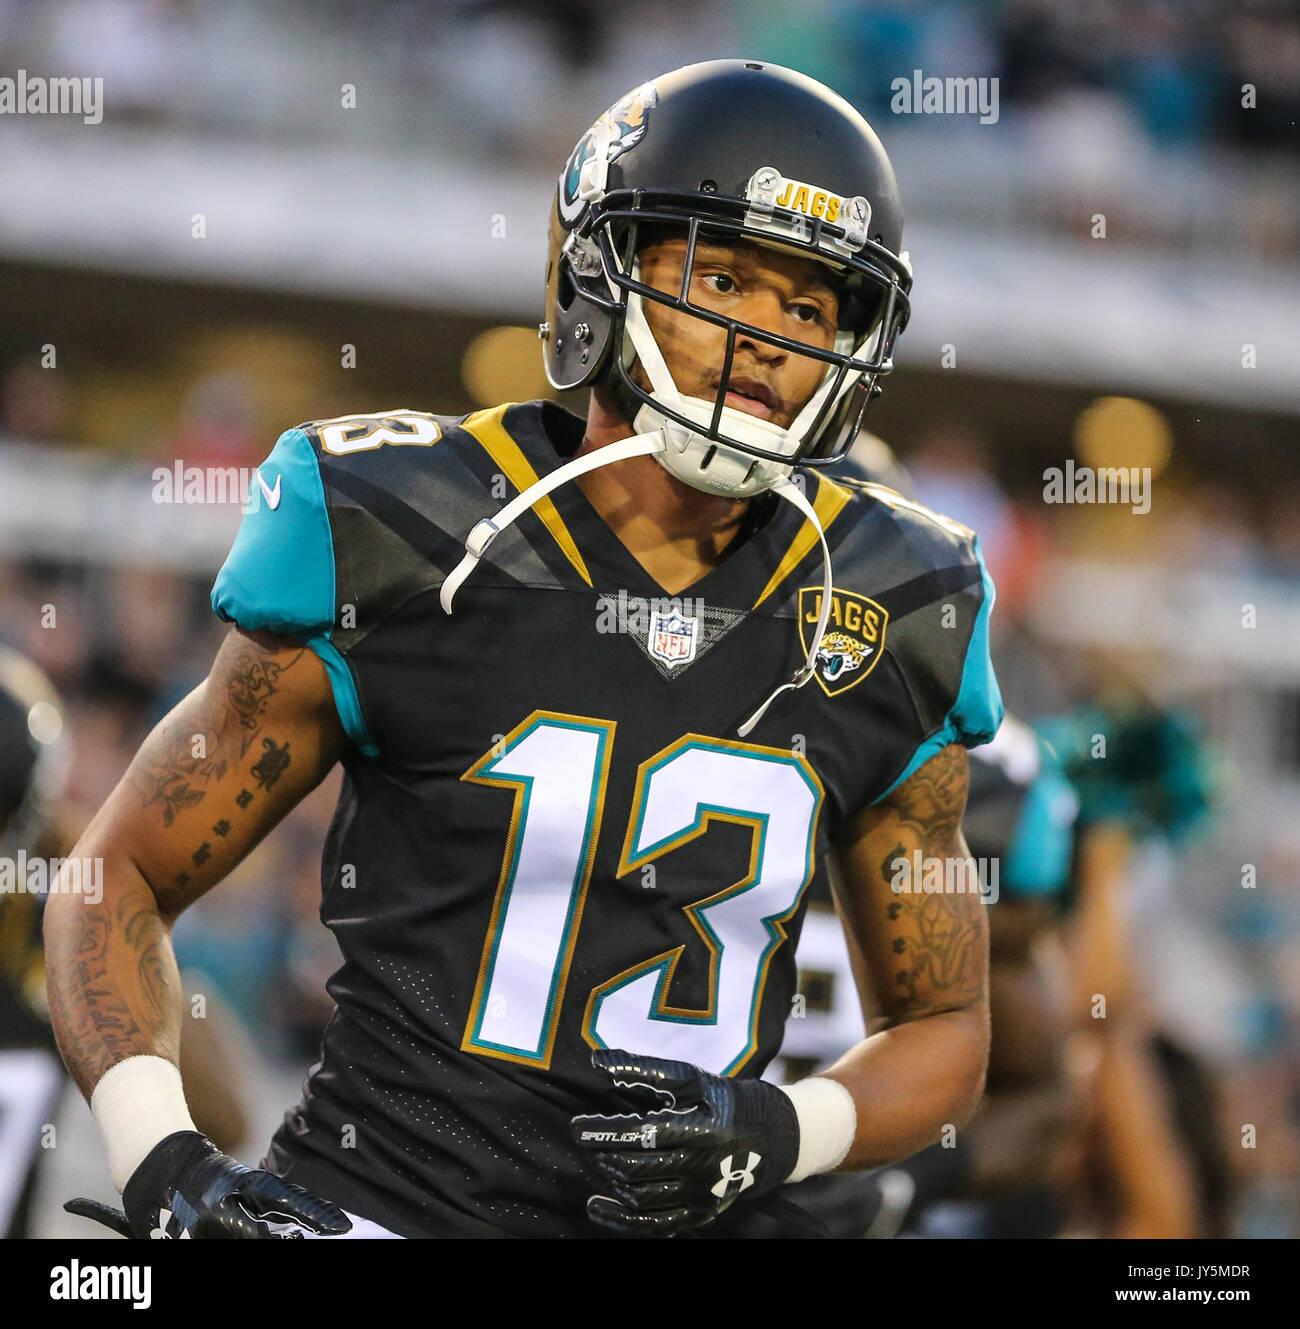 August 17, 2017: Jacksonville Jaguars wide receiver Rashad Greene ...